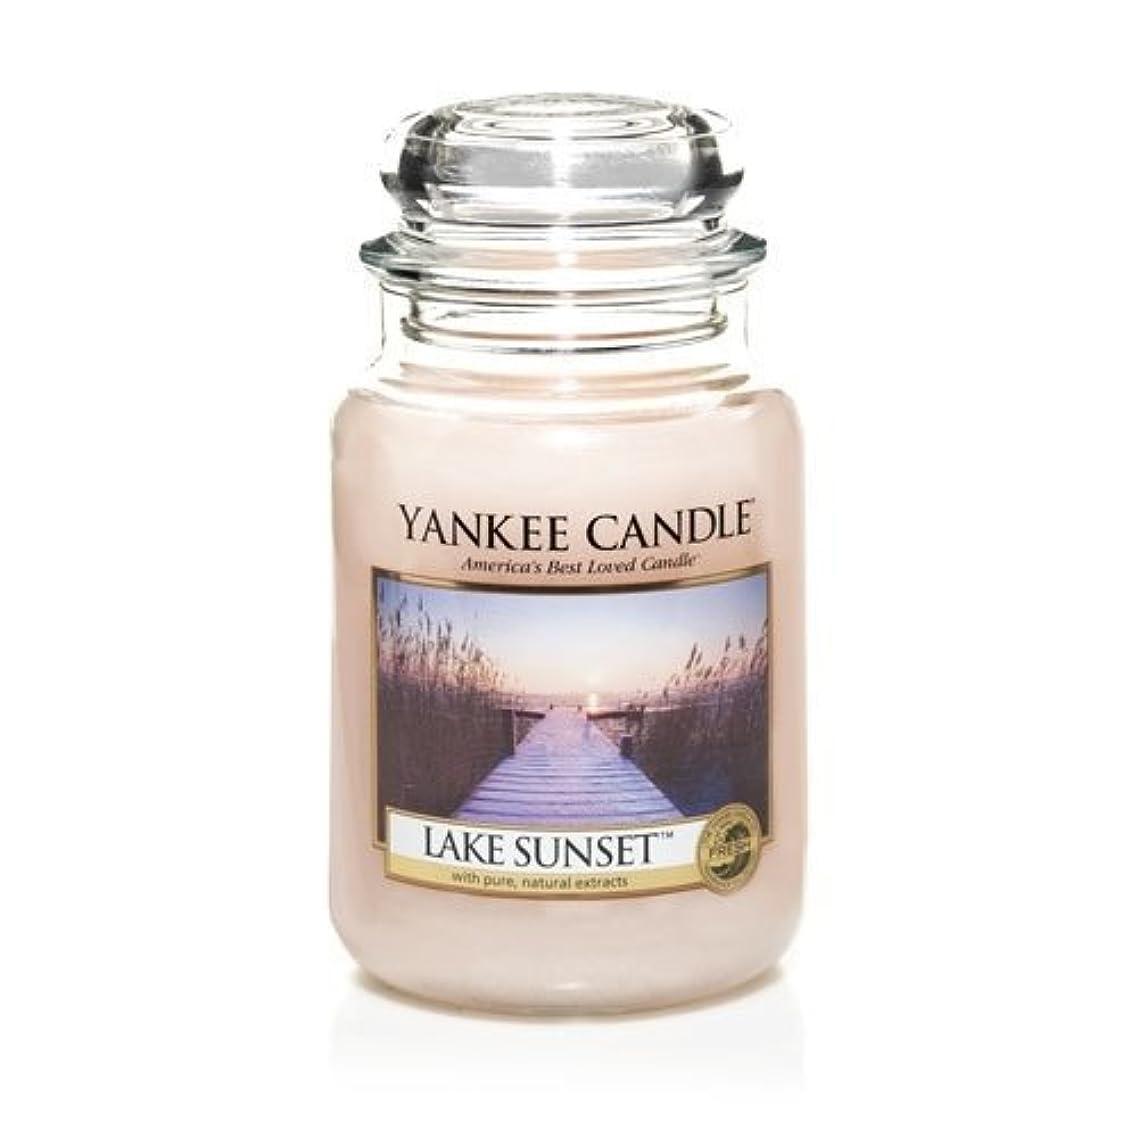 地区ダーリンジャンクションYankee Candle LAKE SUNSET 22 oz Large Jar Candle - New for Fall 2013 by Yankee Candle [並行輸入品]